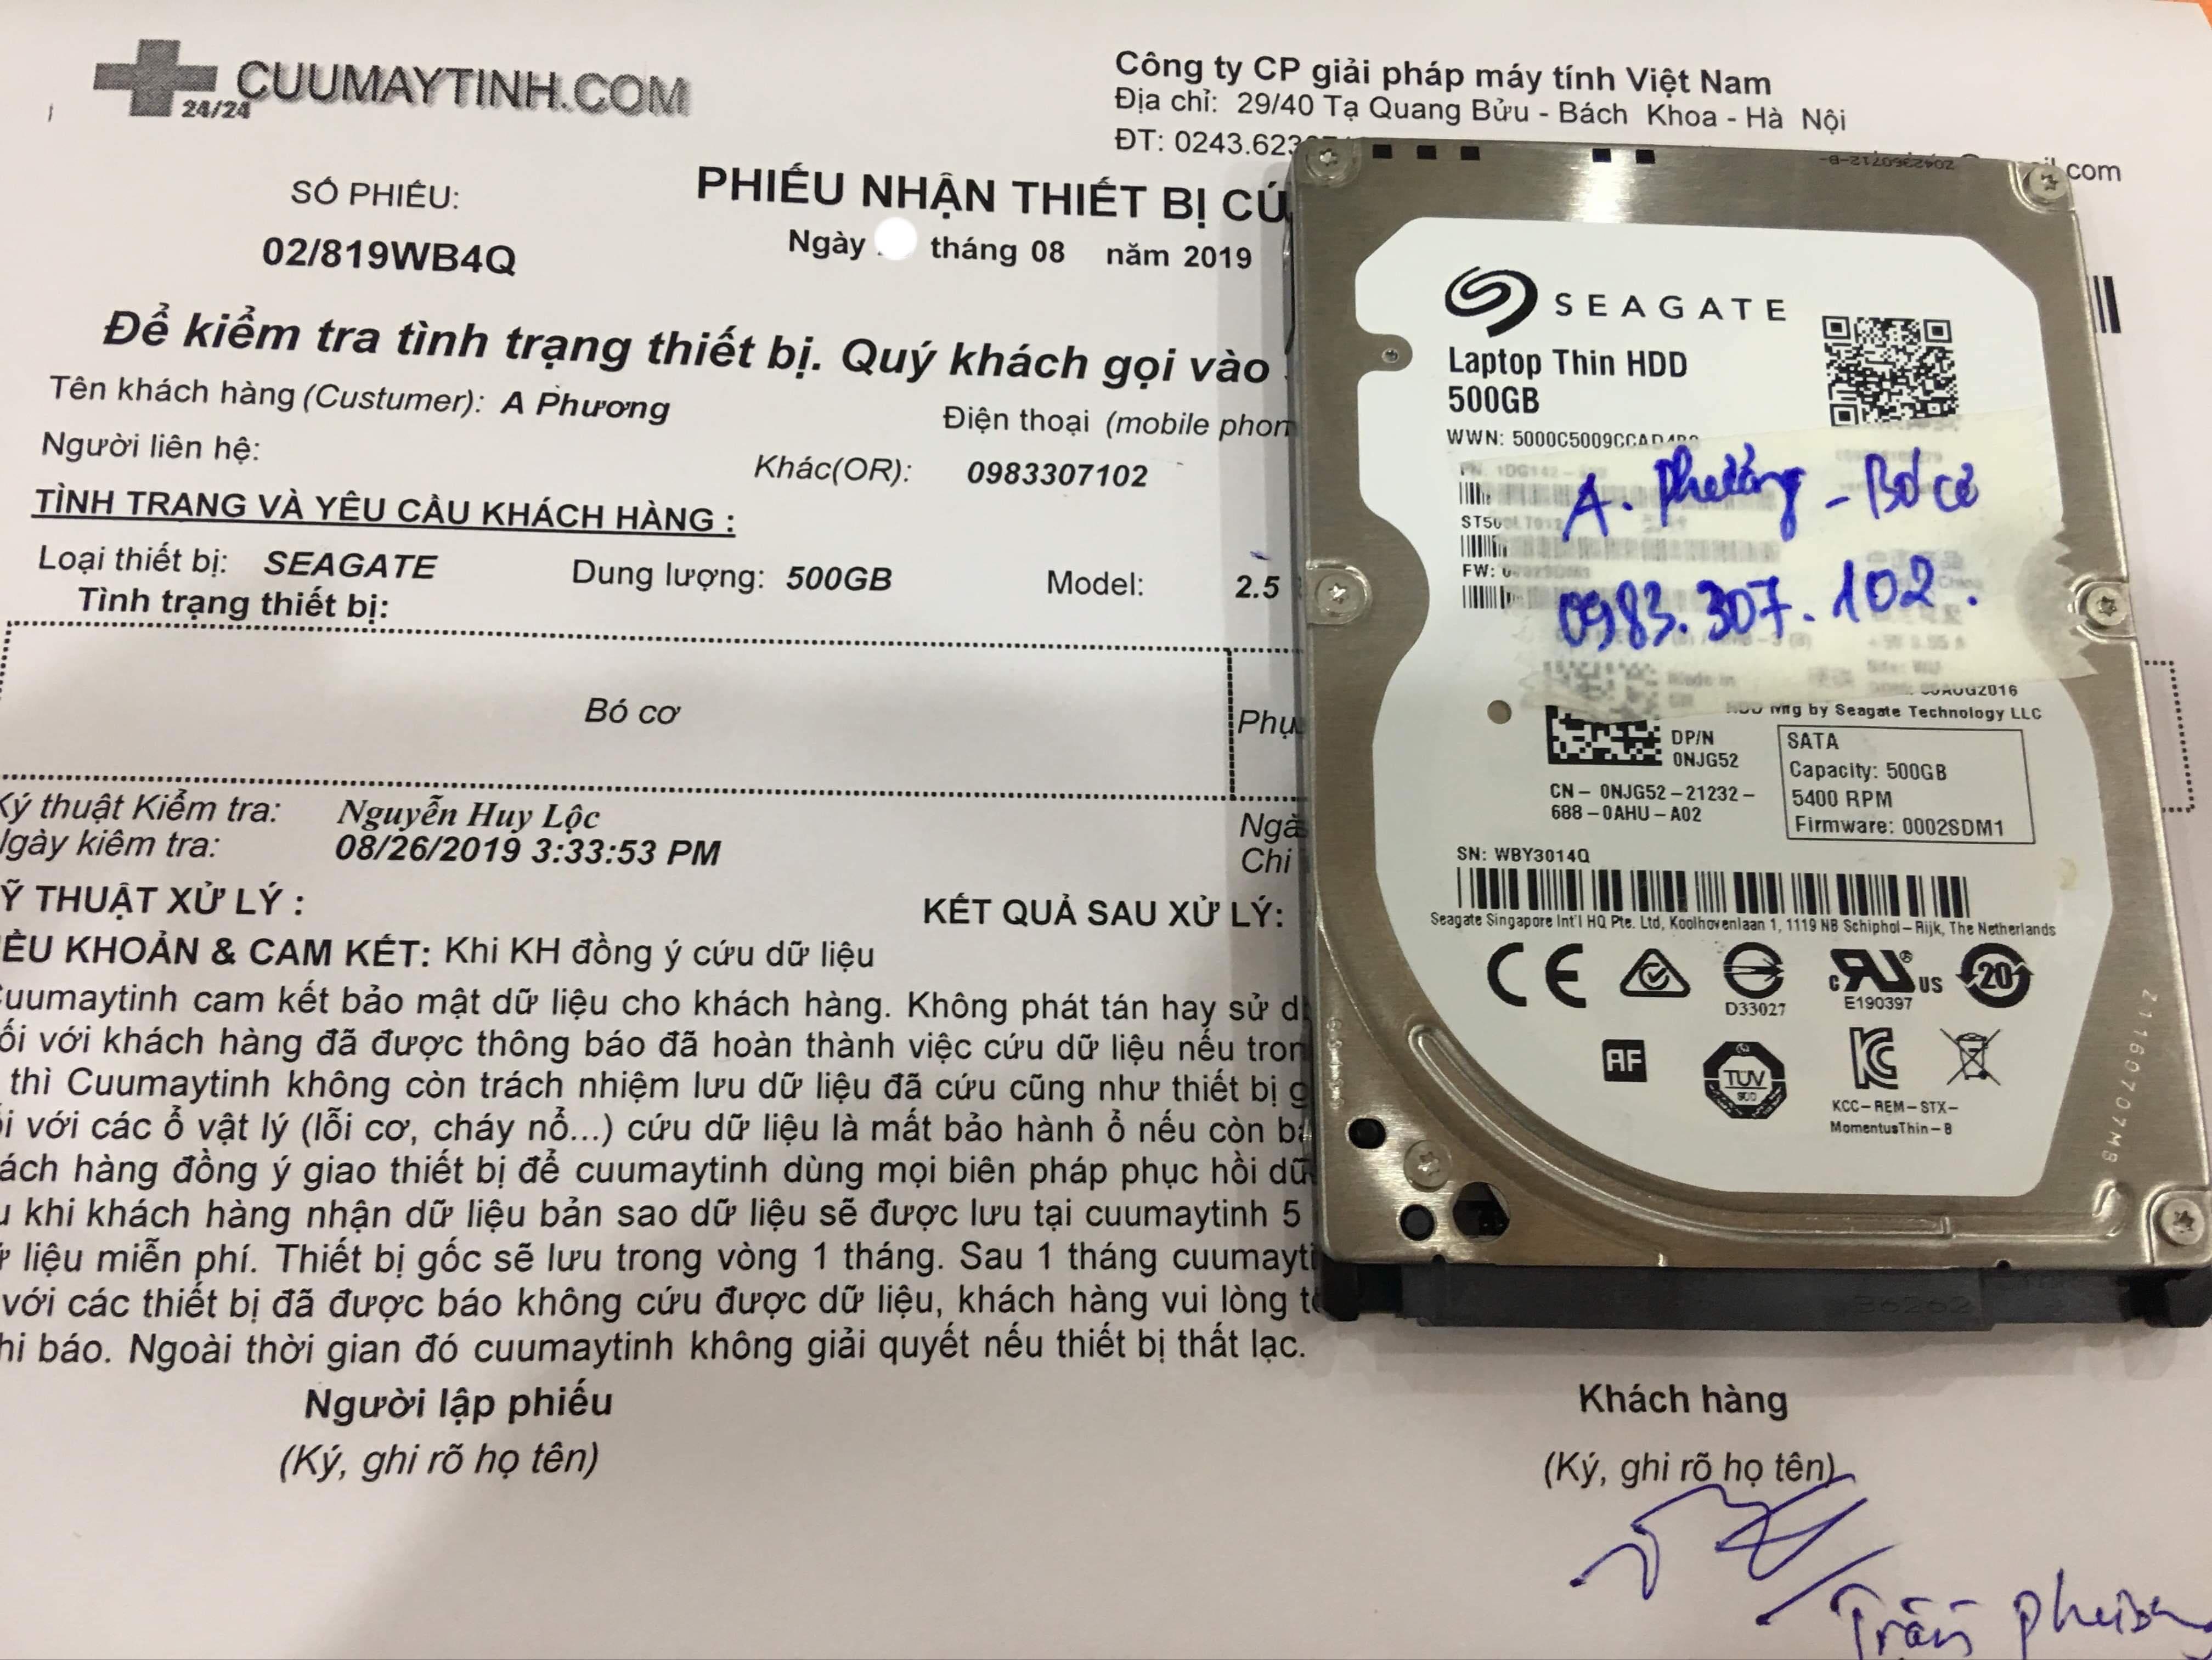 Khôi phục dữ liệu ổ cứng Seagate 500GB bó cơ 03/09/2019 - cuumaytinh